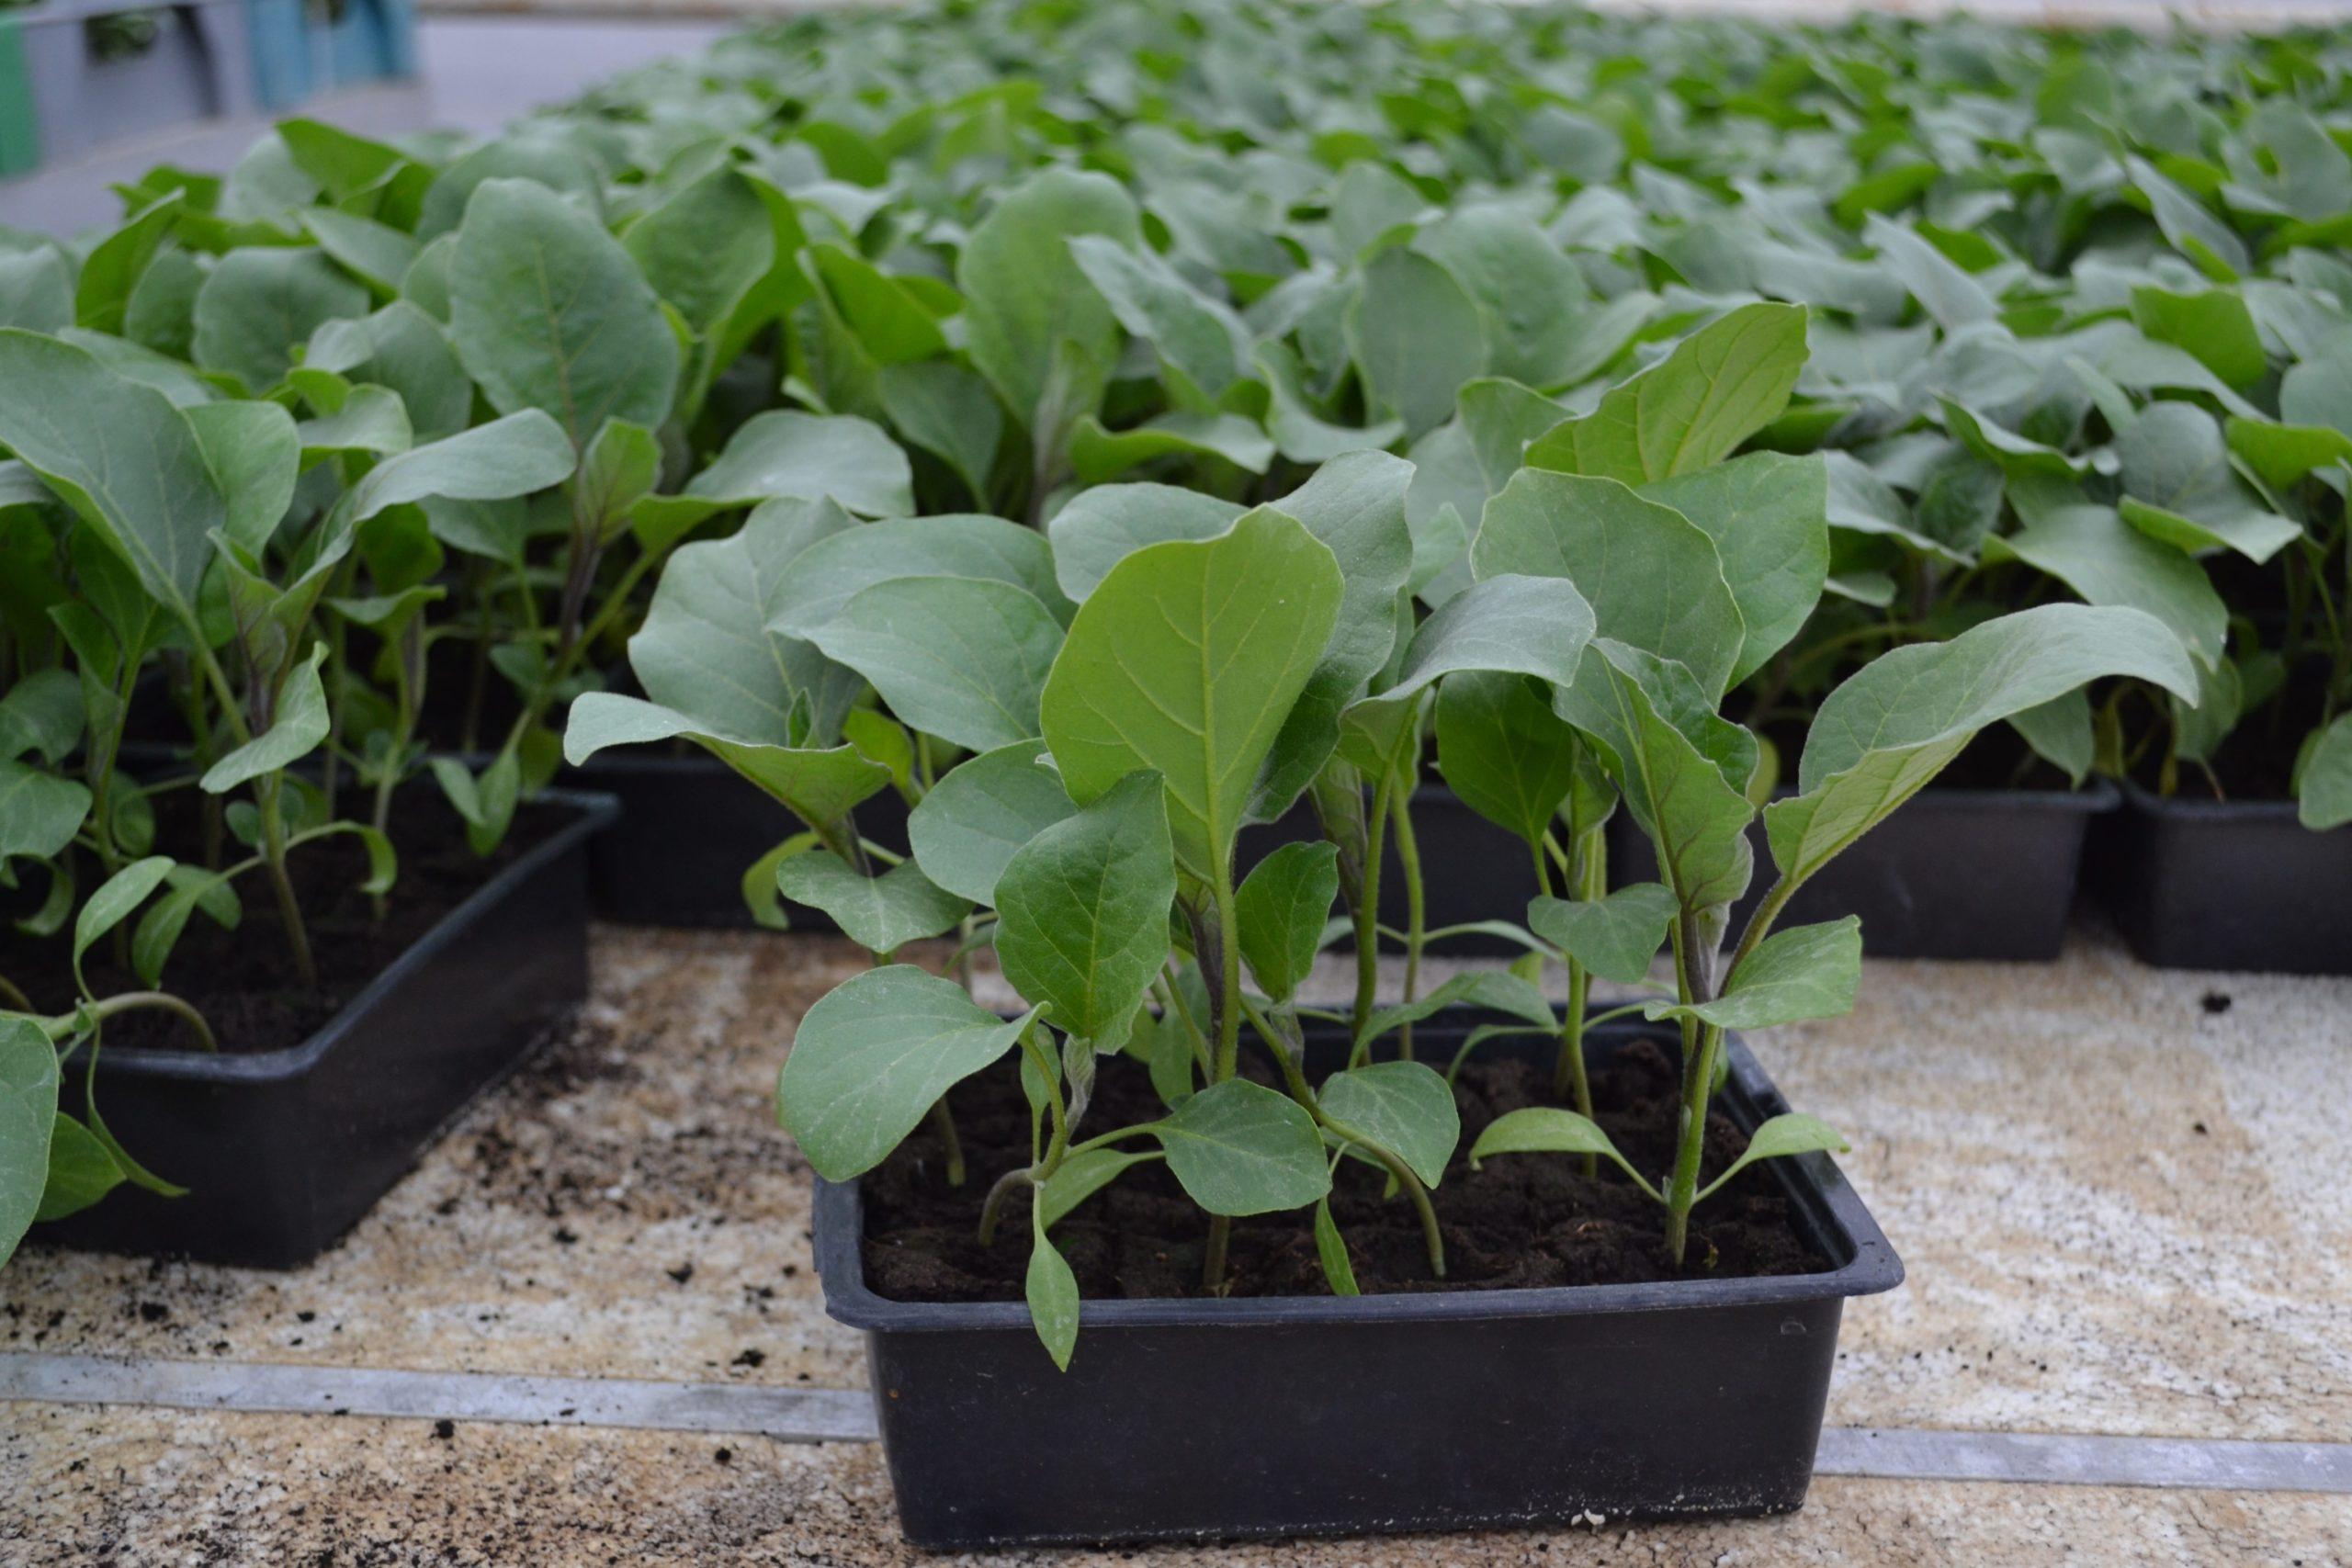 Na OPG-u Jurić godišnje proizvedu oko milijun presadnica povrća i začinskog bilja - OPG Anto Jurić